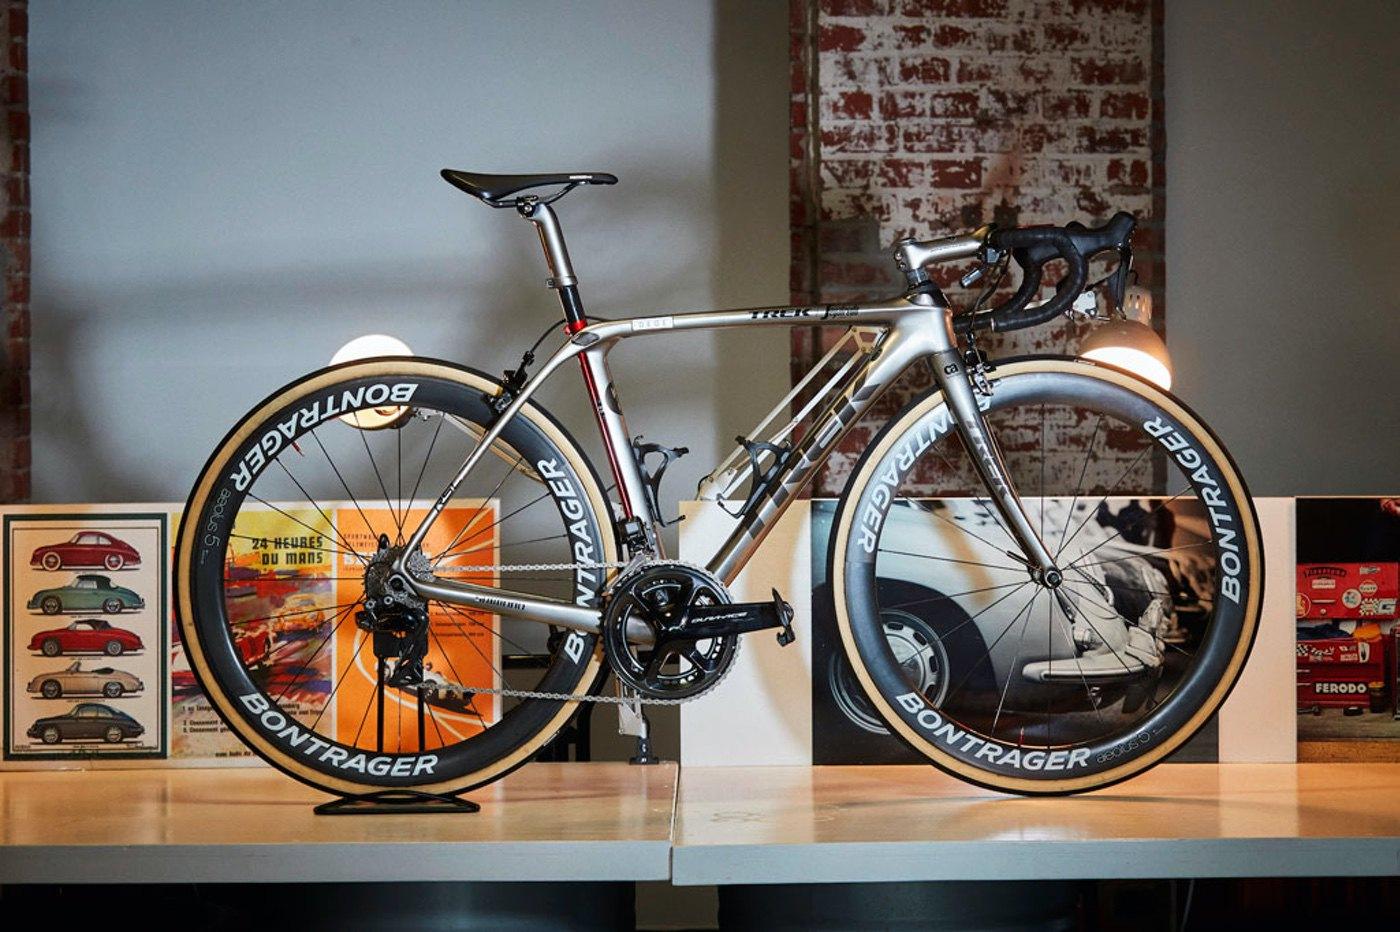 Trek Domane Café Racer by John Degenkolb